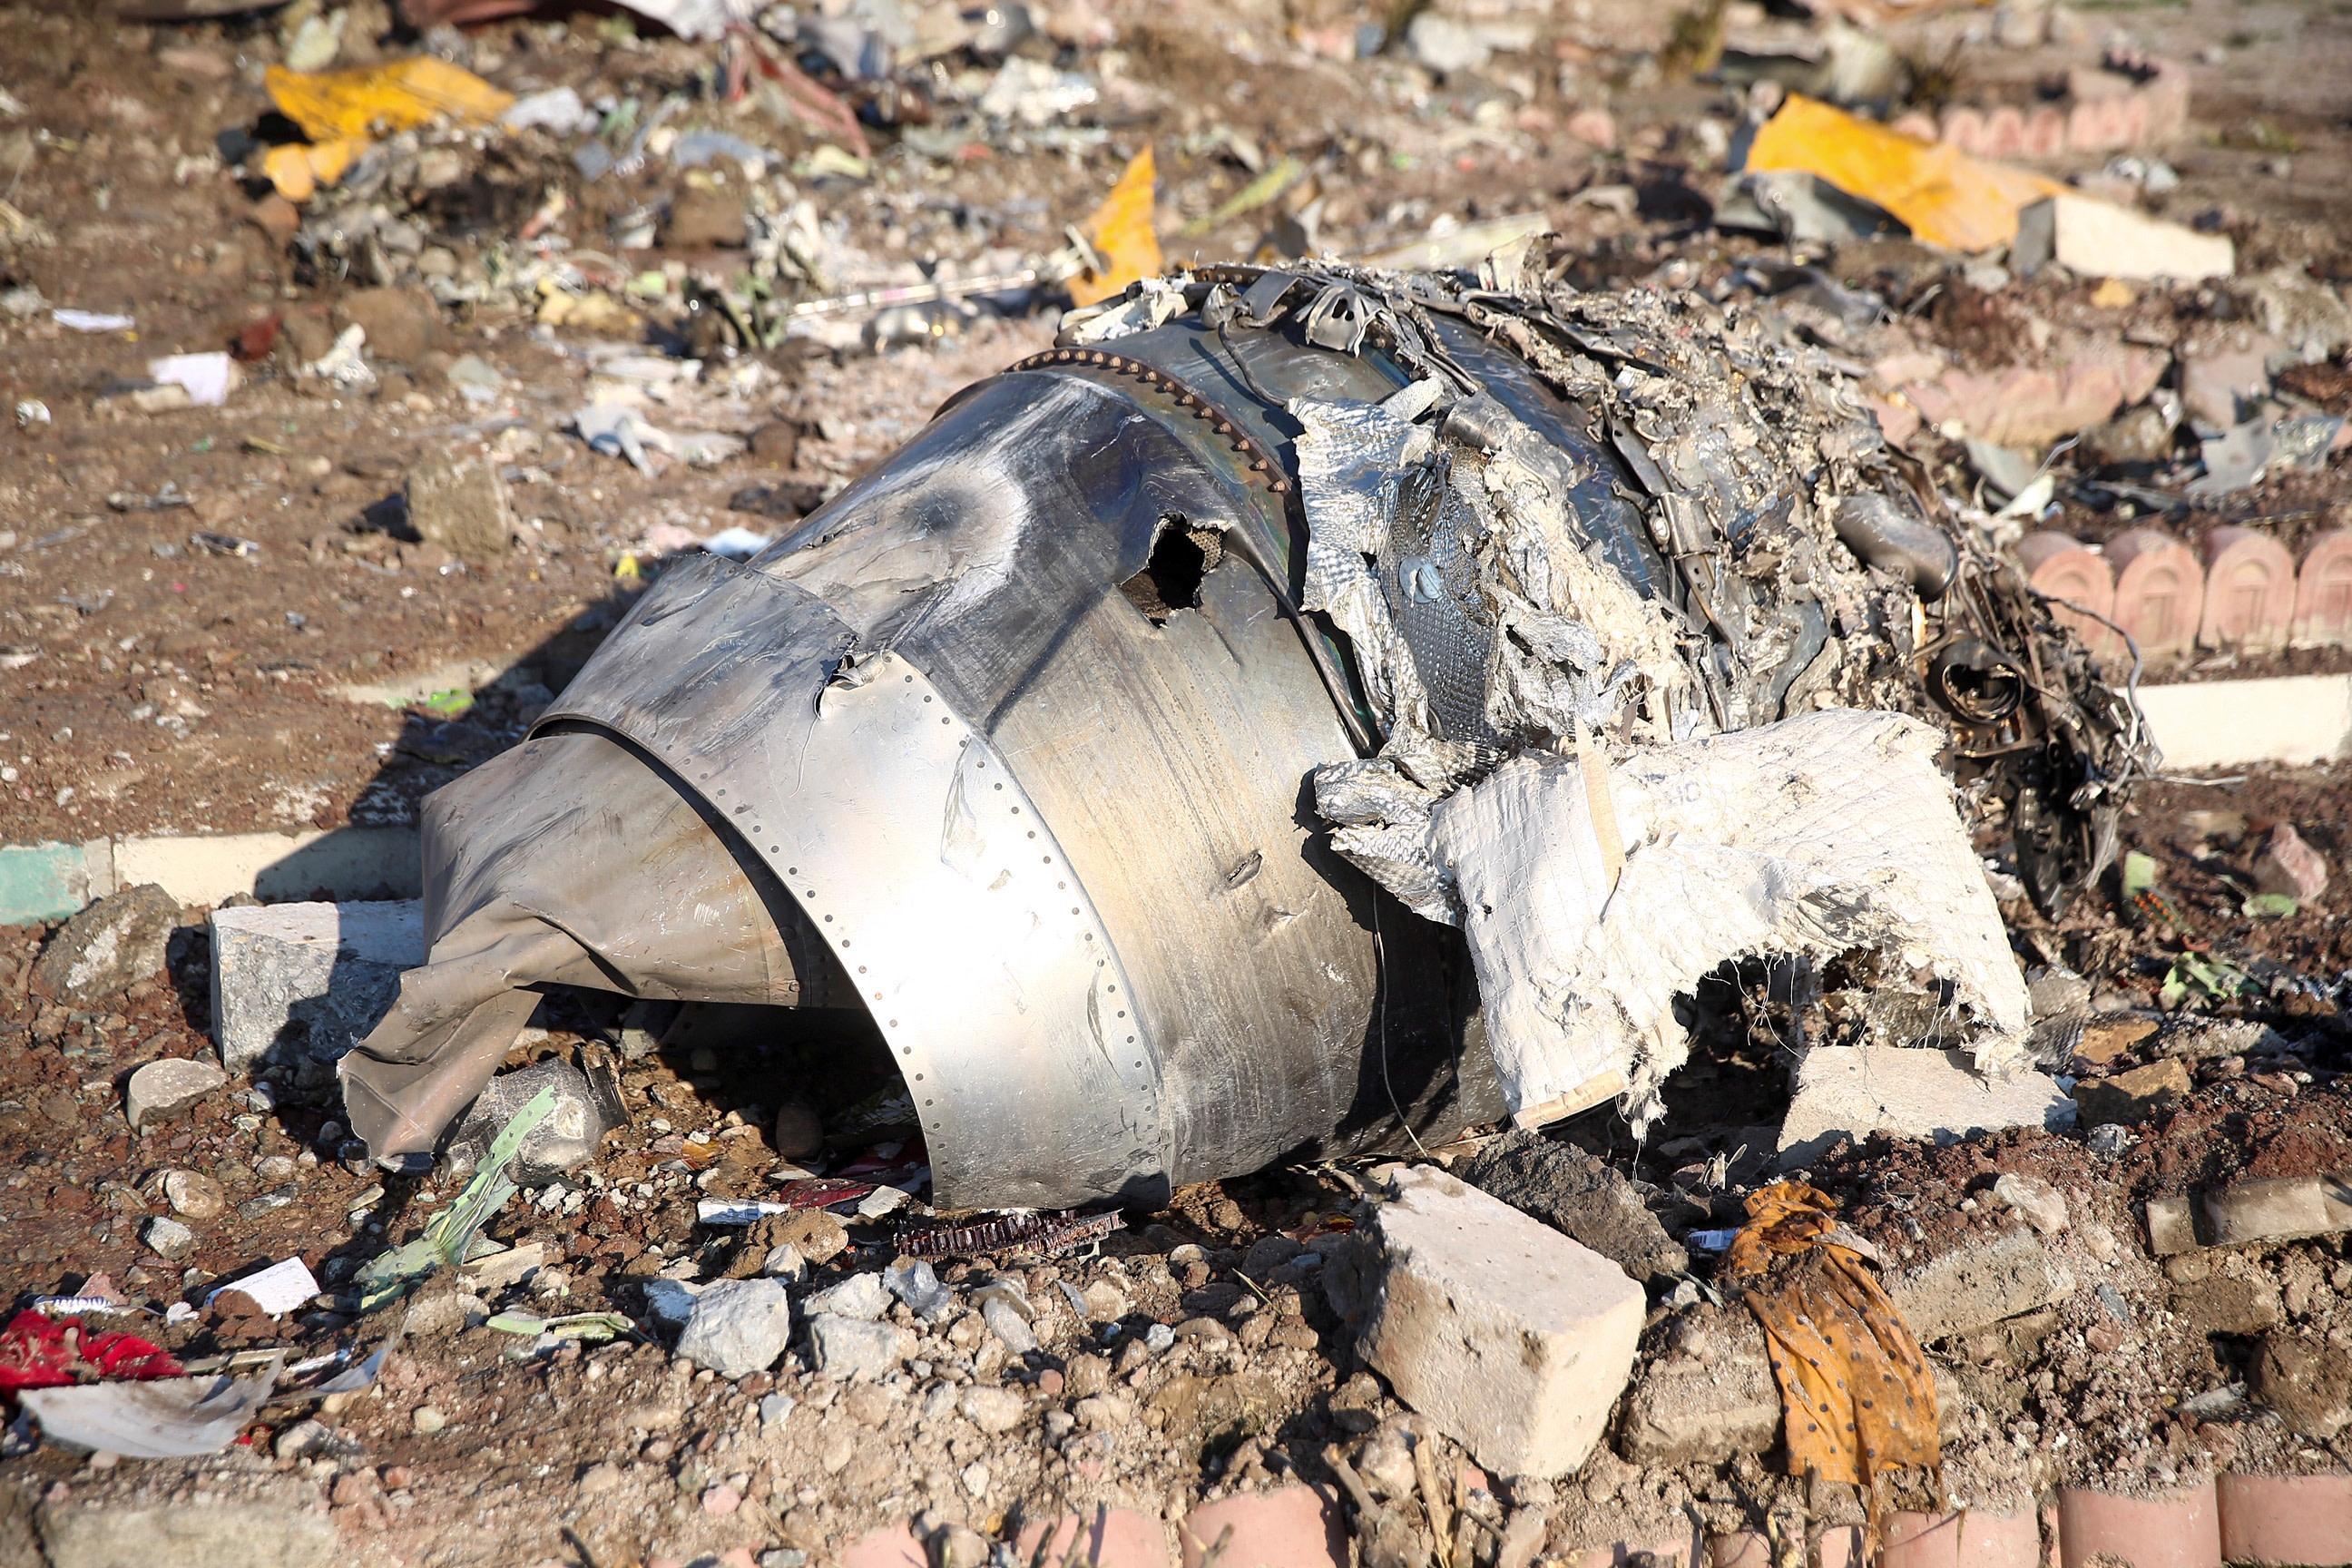 התרסקות המטוס האוקראיני באיראן. צילום: רויטרס